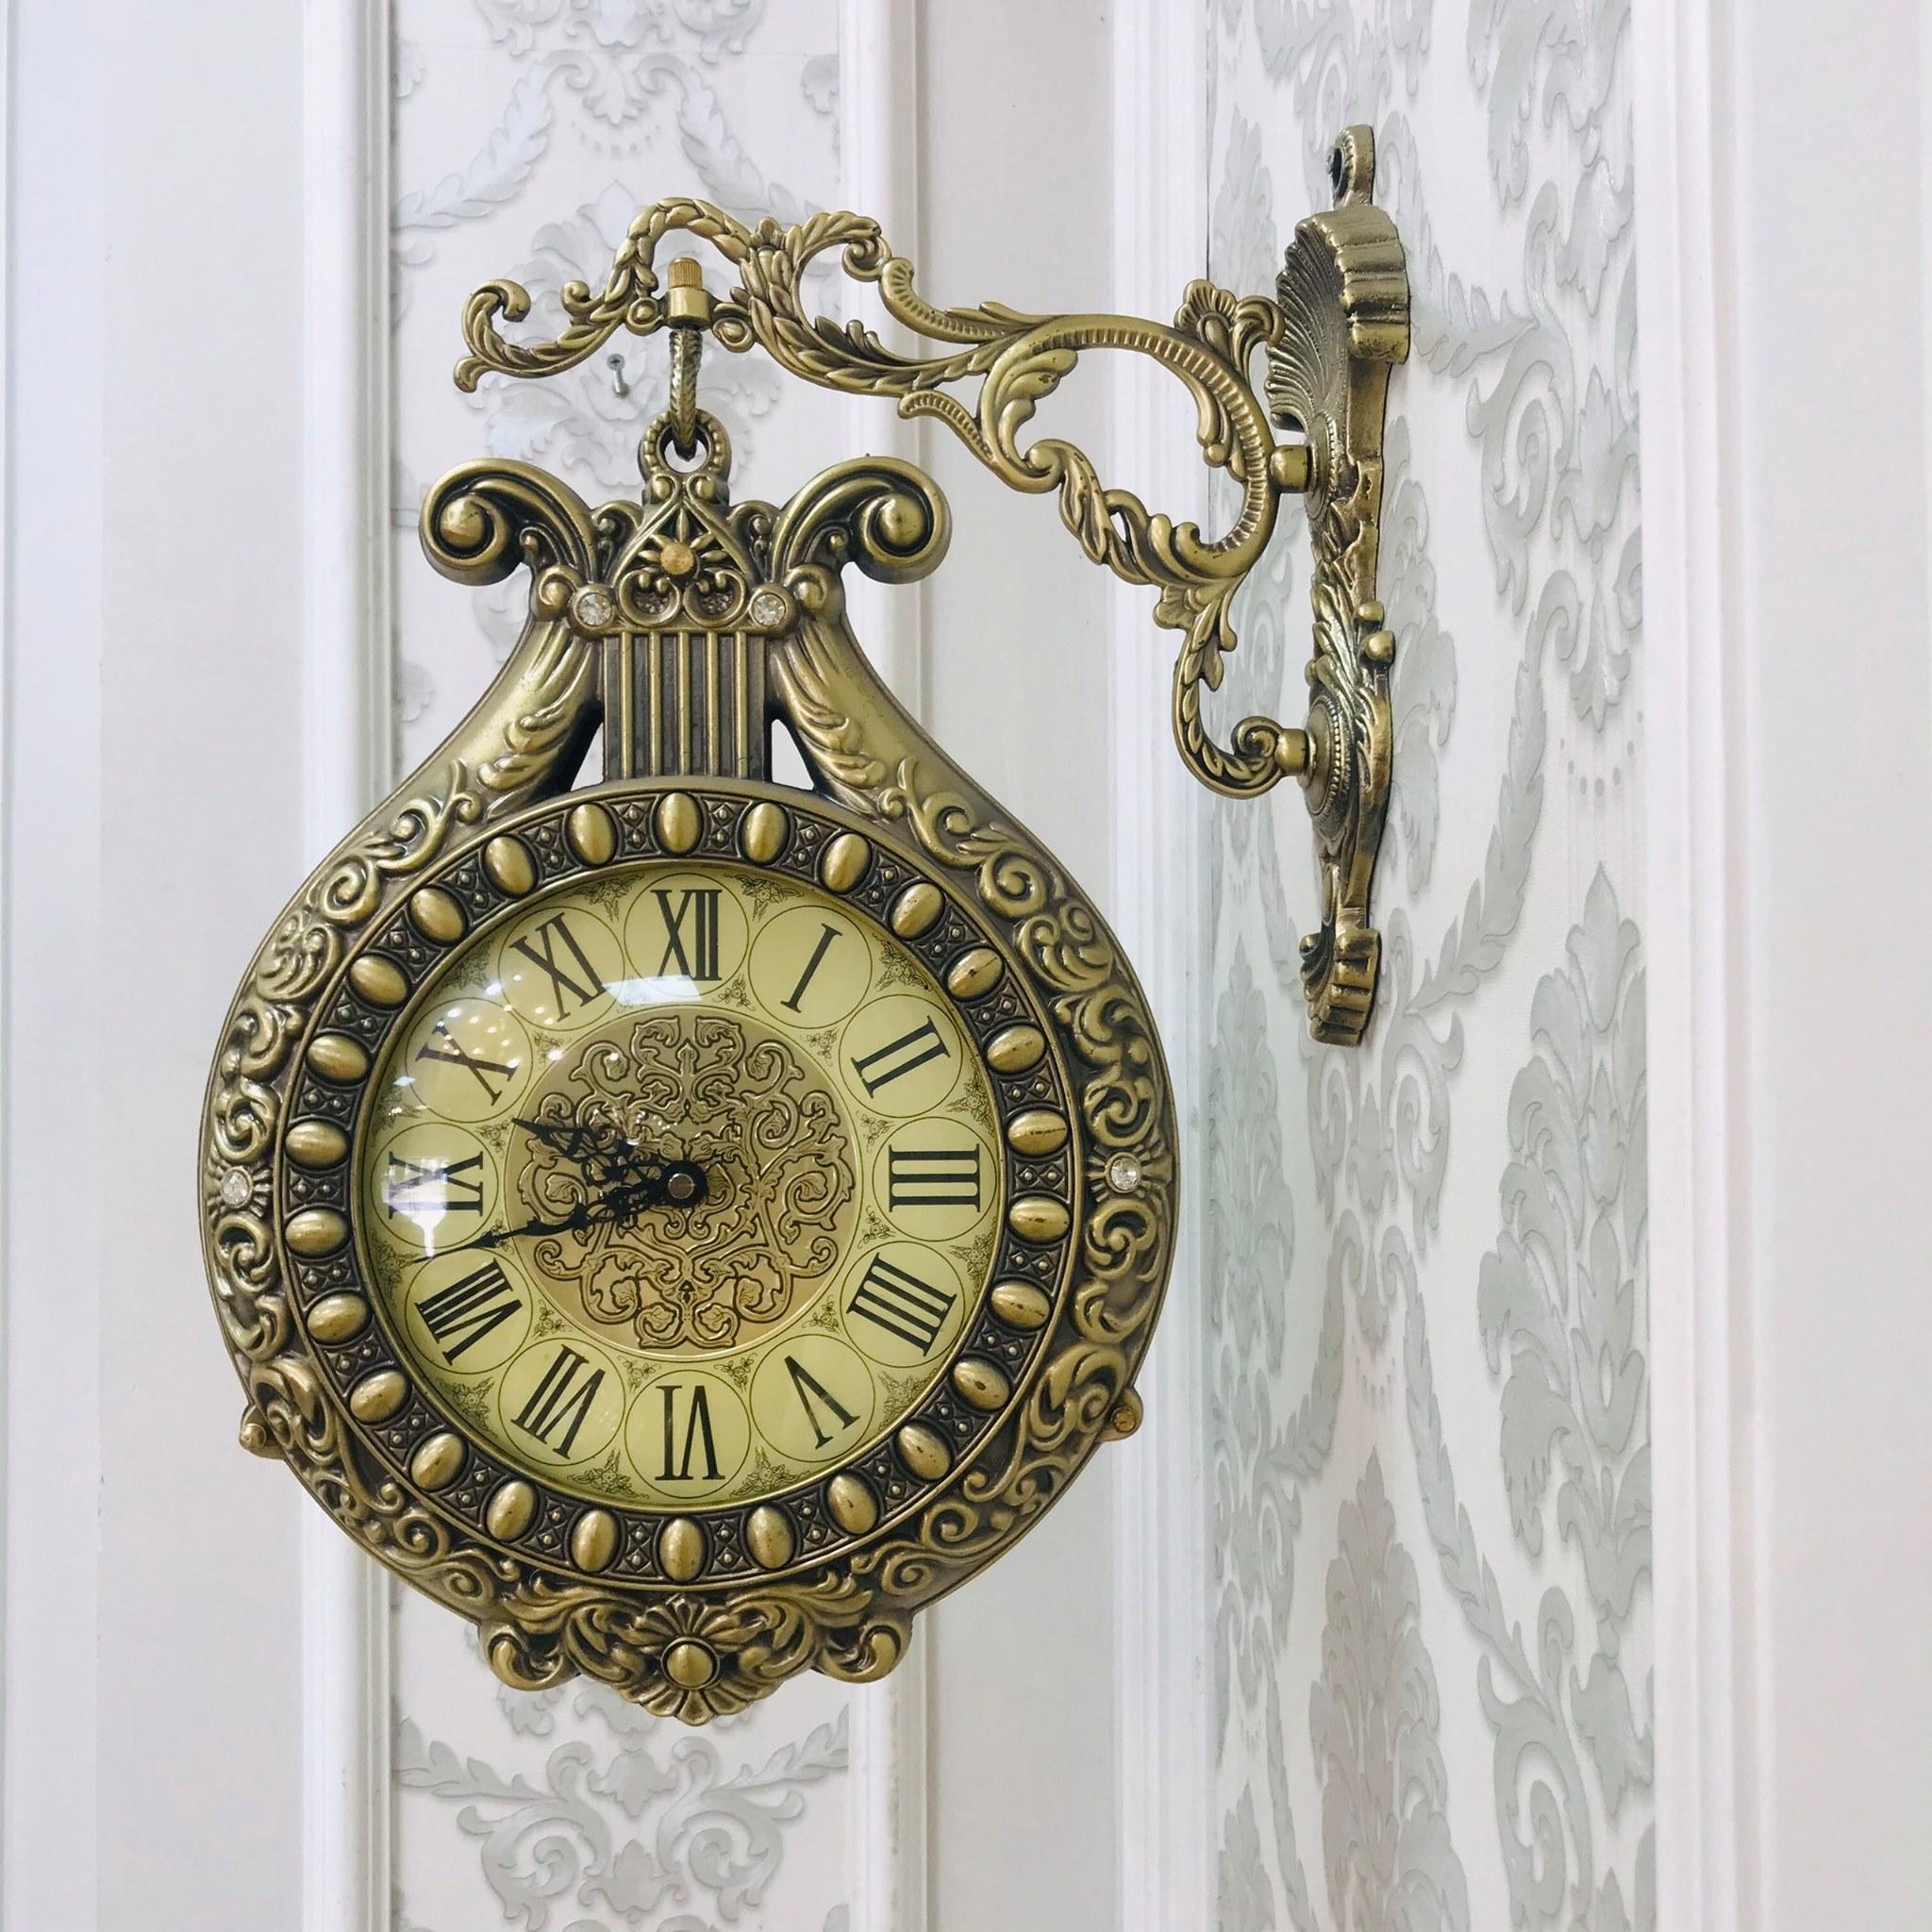 Đồng hồ treo tường 2 mặt số va mặt la mã hình cây đàn mang phong cách tân cổ điển snag trọng và tinh xảo DHTT18 - Chất liệu hợp kim kẽm mạ đồng, điêu khắc khóe léo